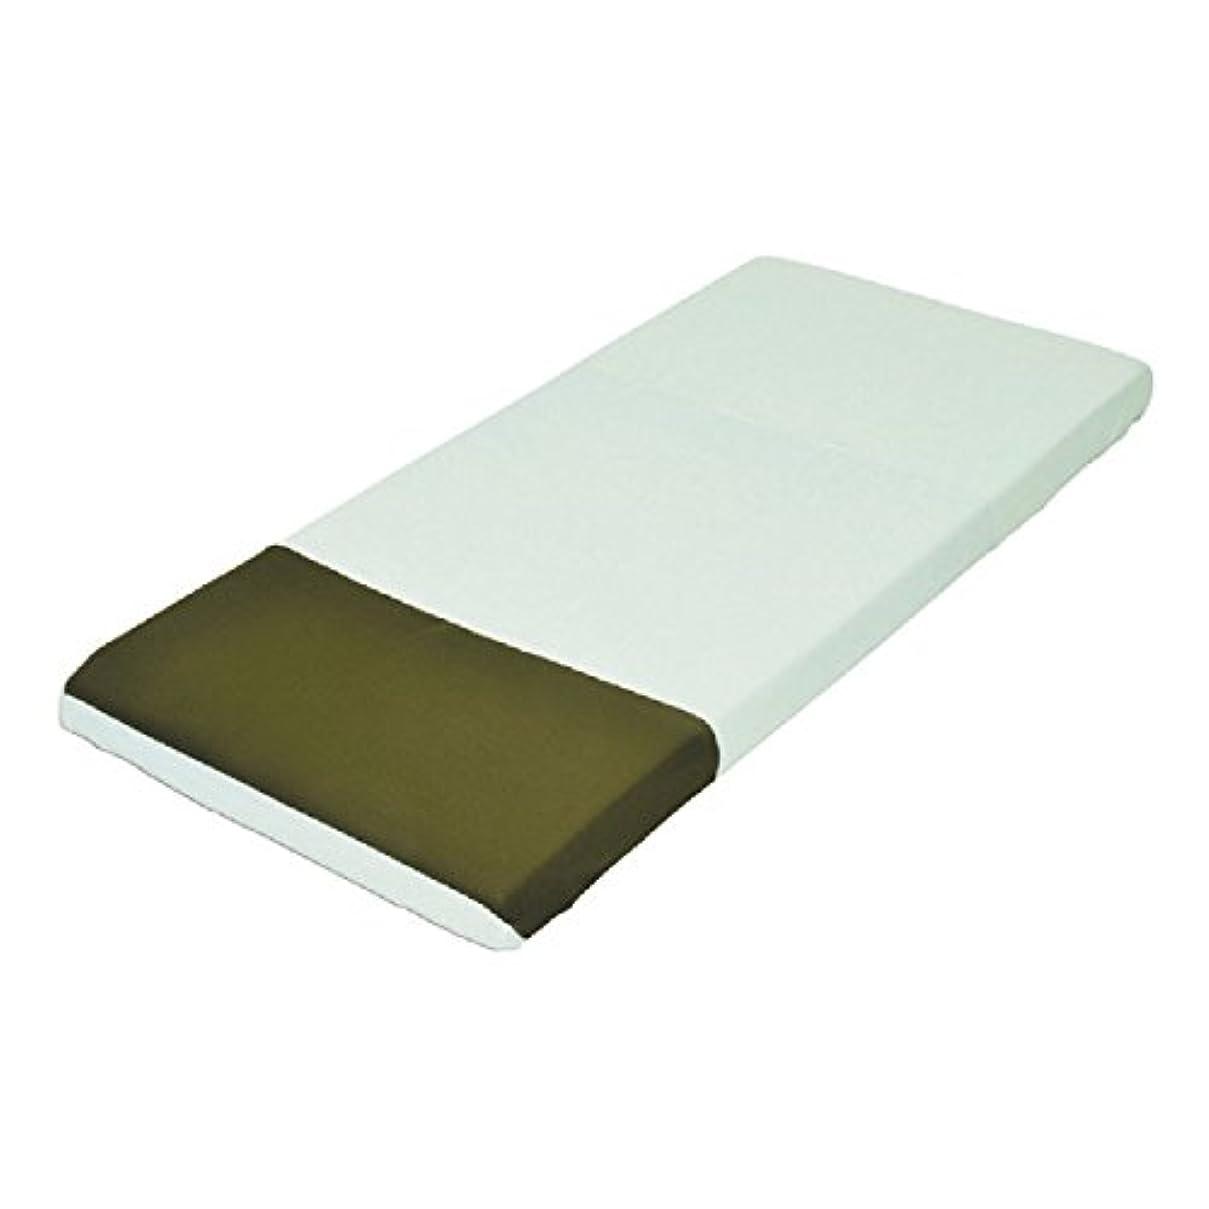 プレゼン叙情的な大事にするモルテン ハイパー除湿シーツ 吸水拡散 防水 ボックス全身 グリーン